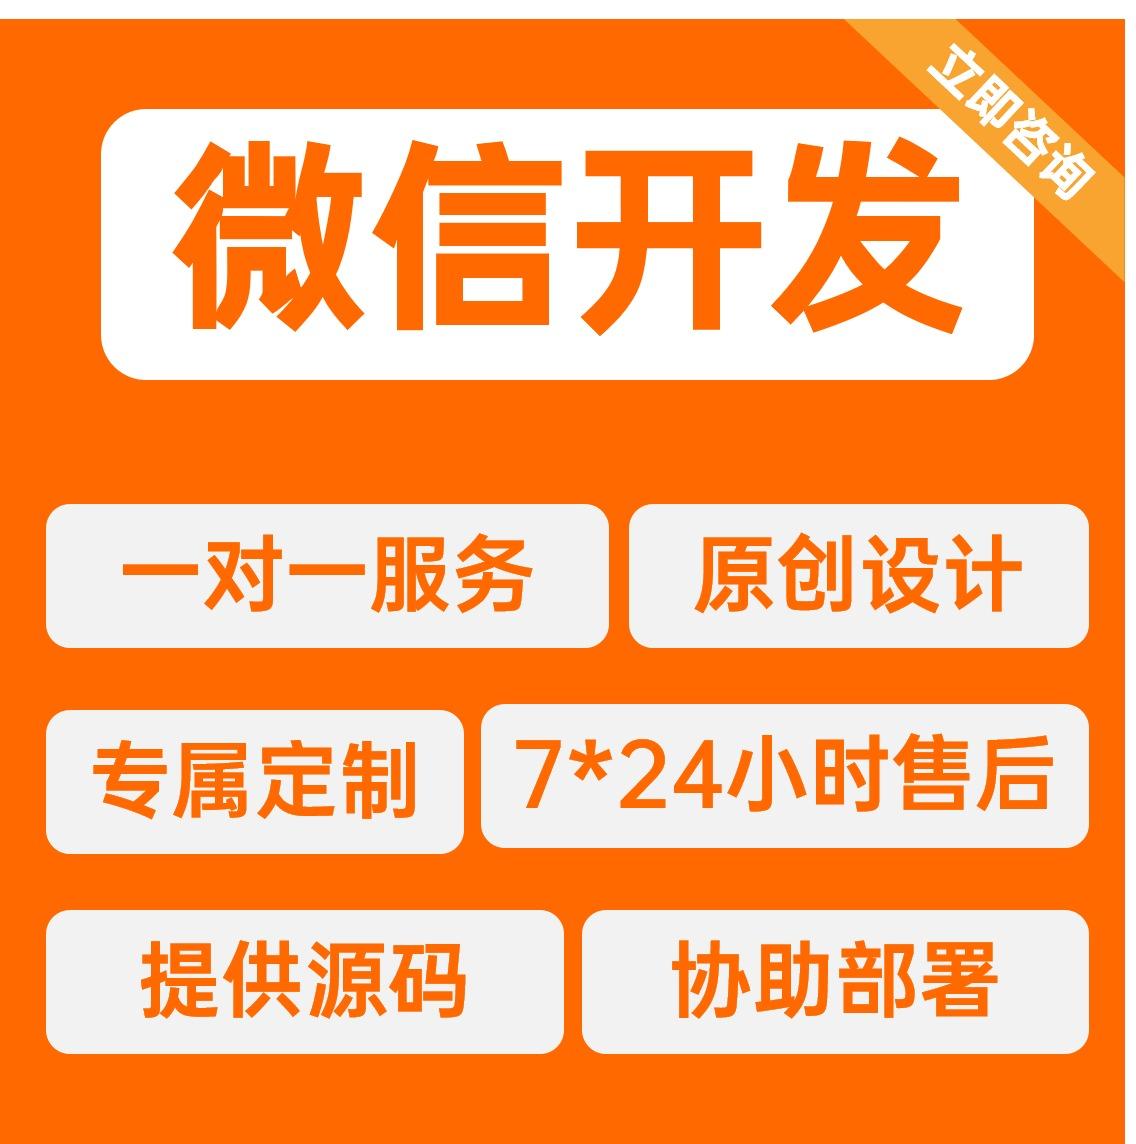 超市餐厅影院KTV酒吧茶馆酒店旅游民宿公寓农家乐微信开发